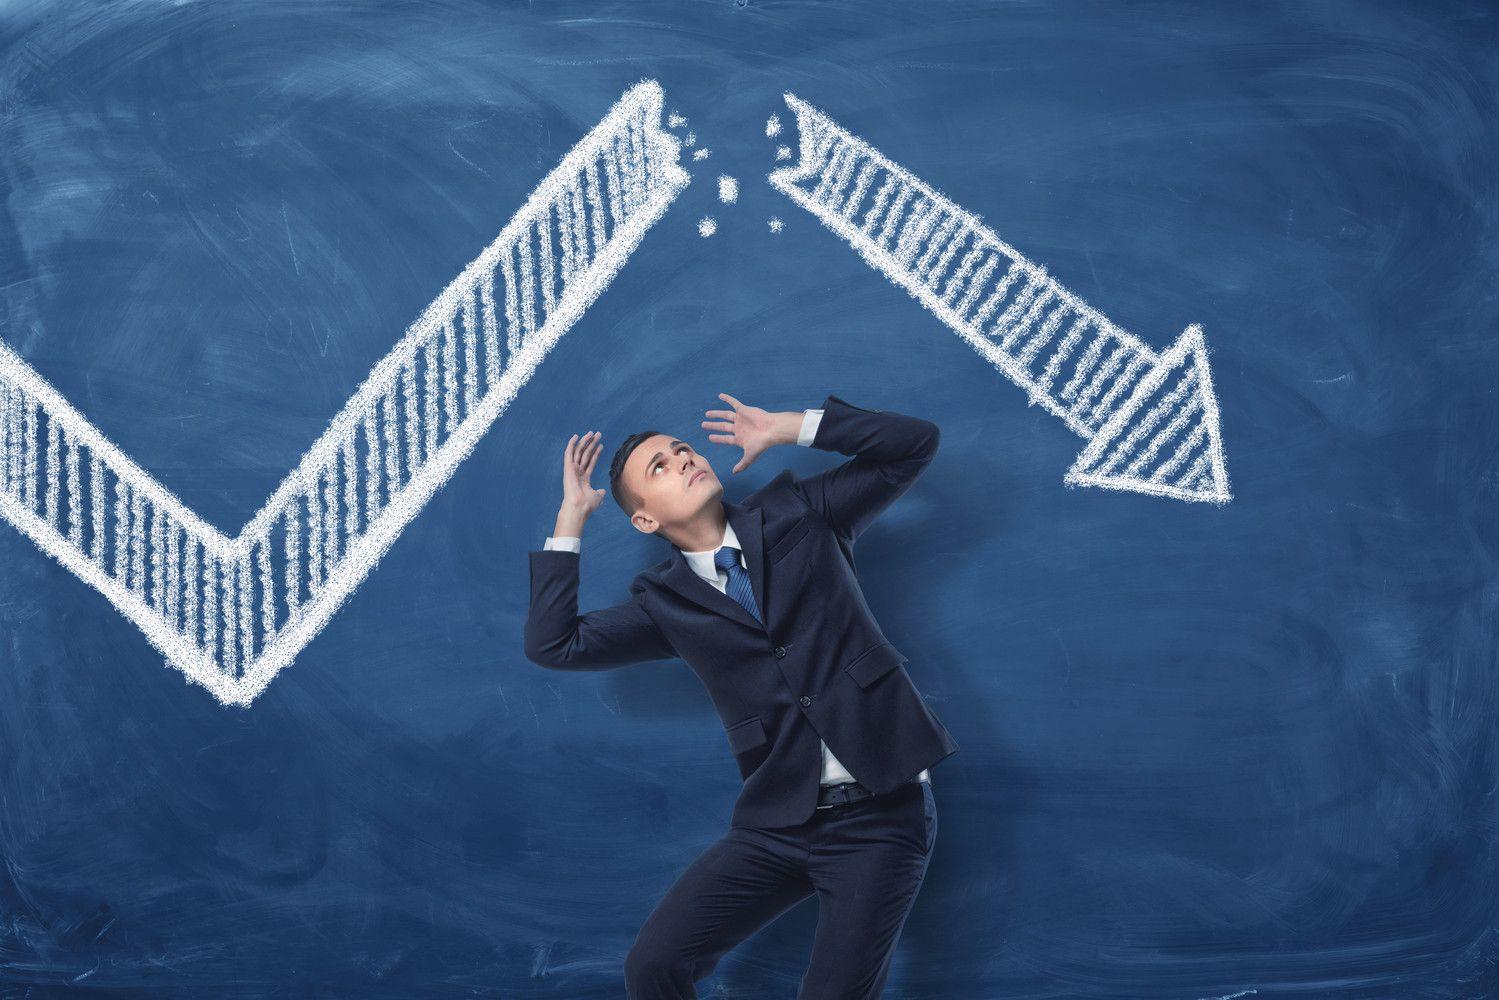 Bankrutavo įmonė: ką daryti su savo karjera